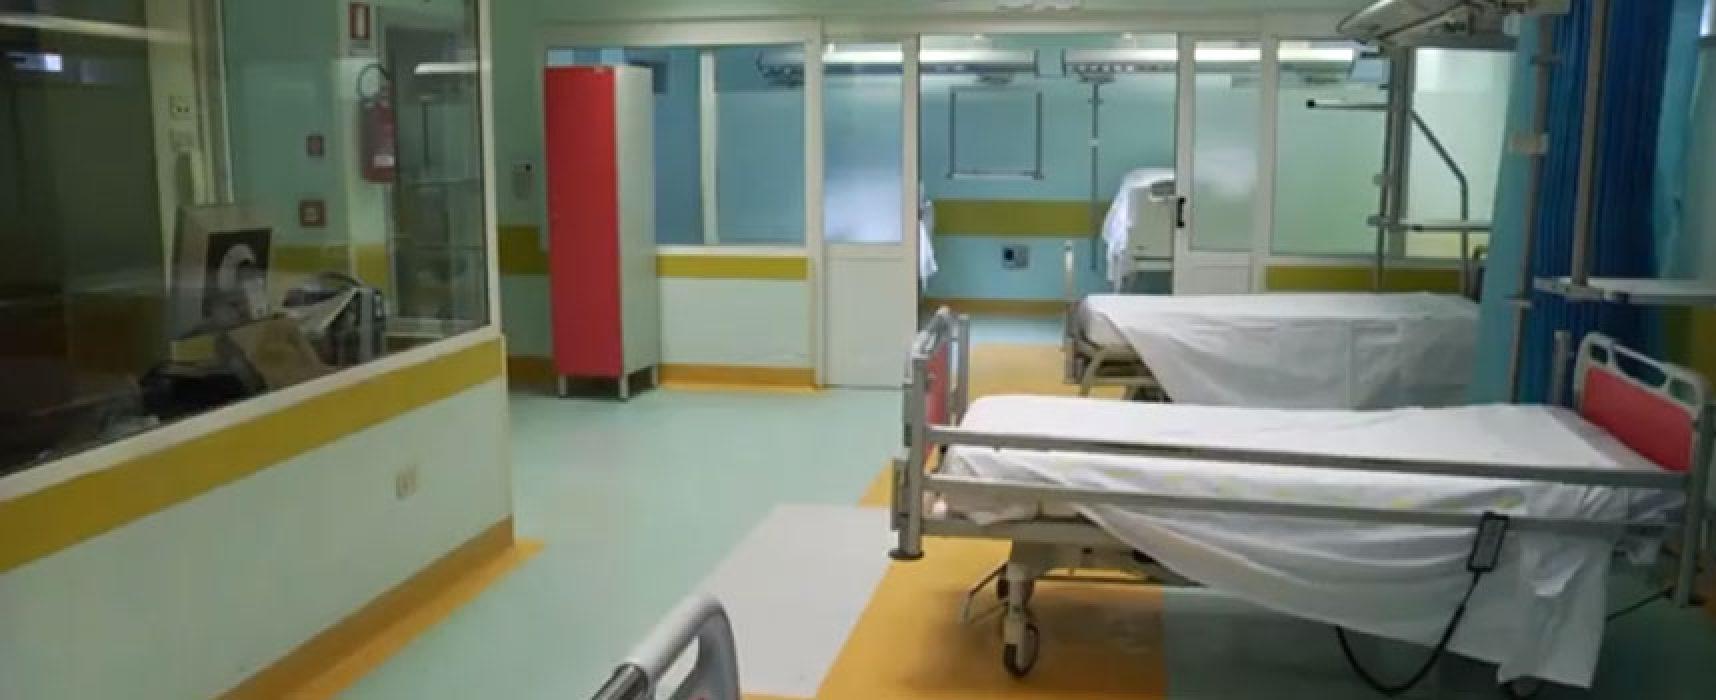 Riattivato Covid Hospital di Bisceglie: blocco dei ricoveri ordinari e pazienti trasferiti